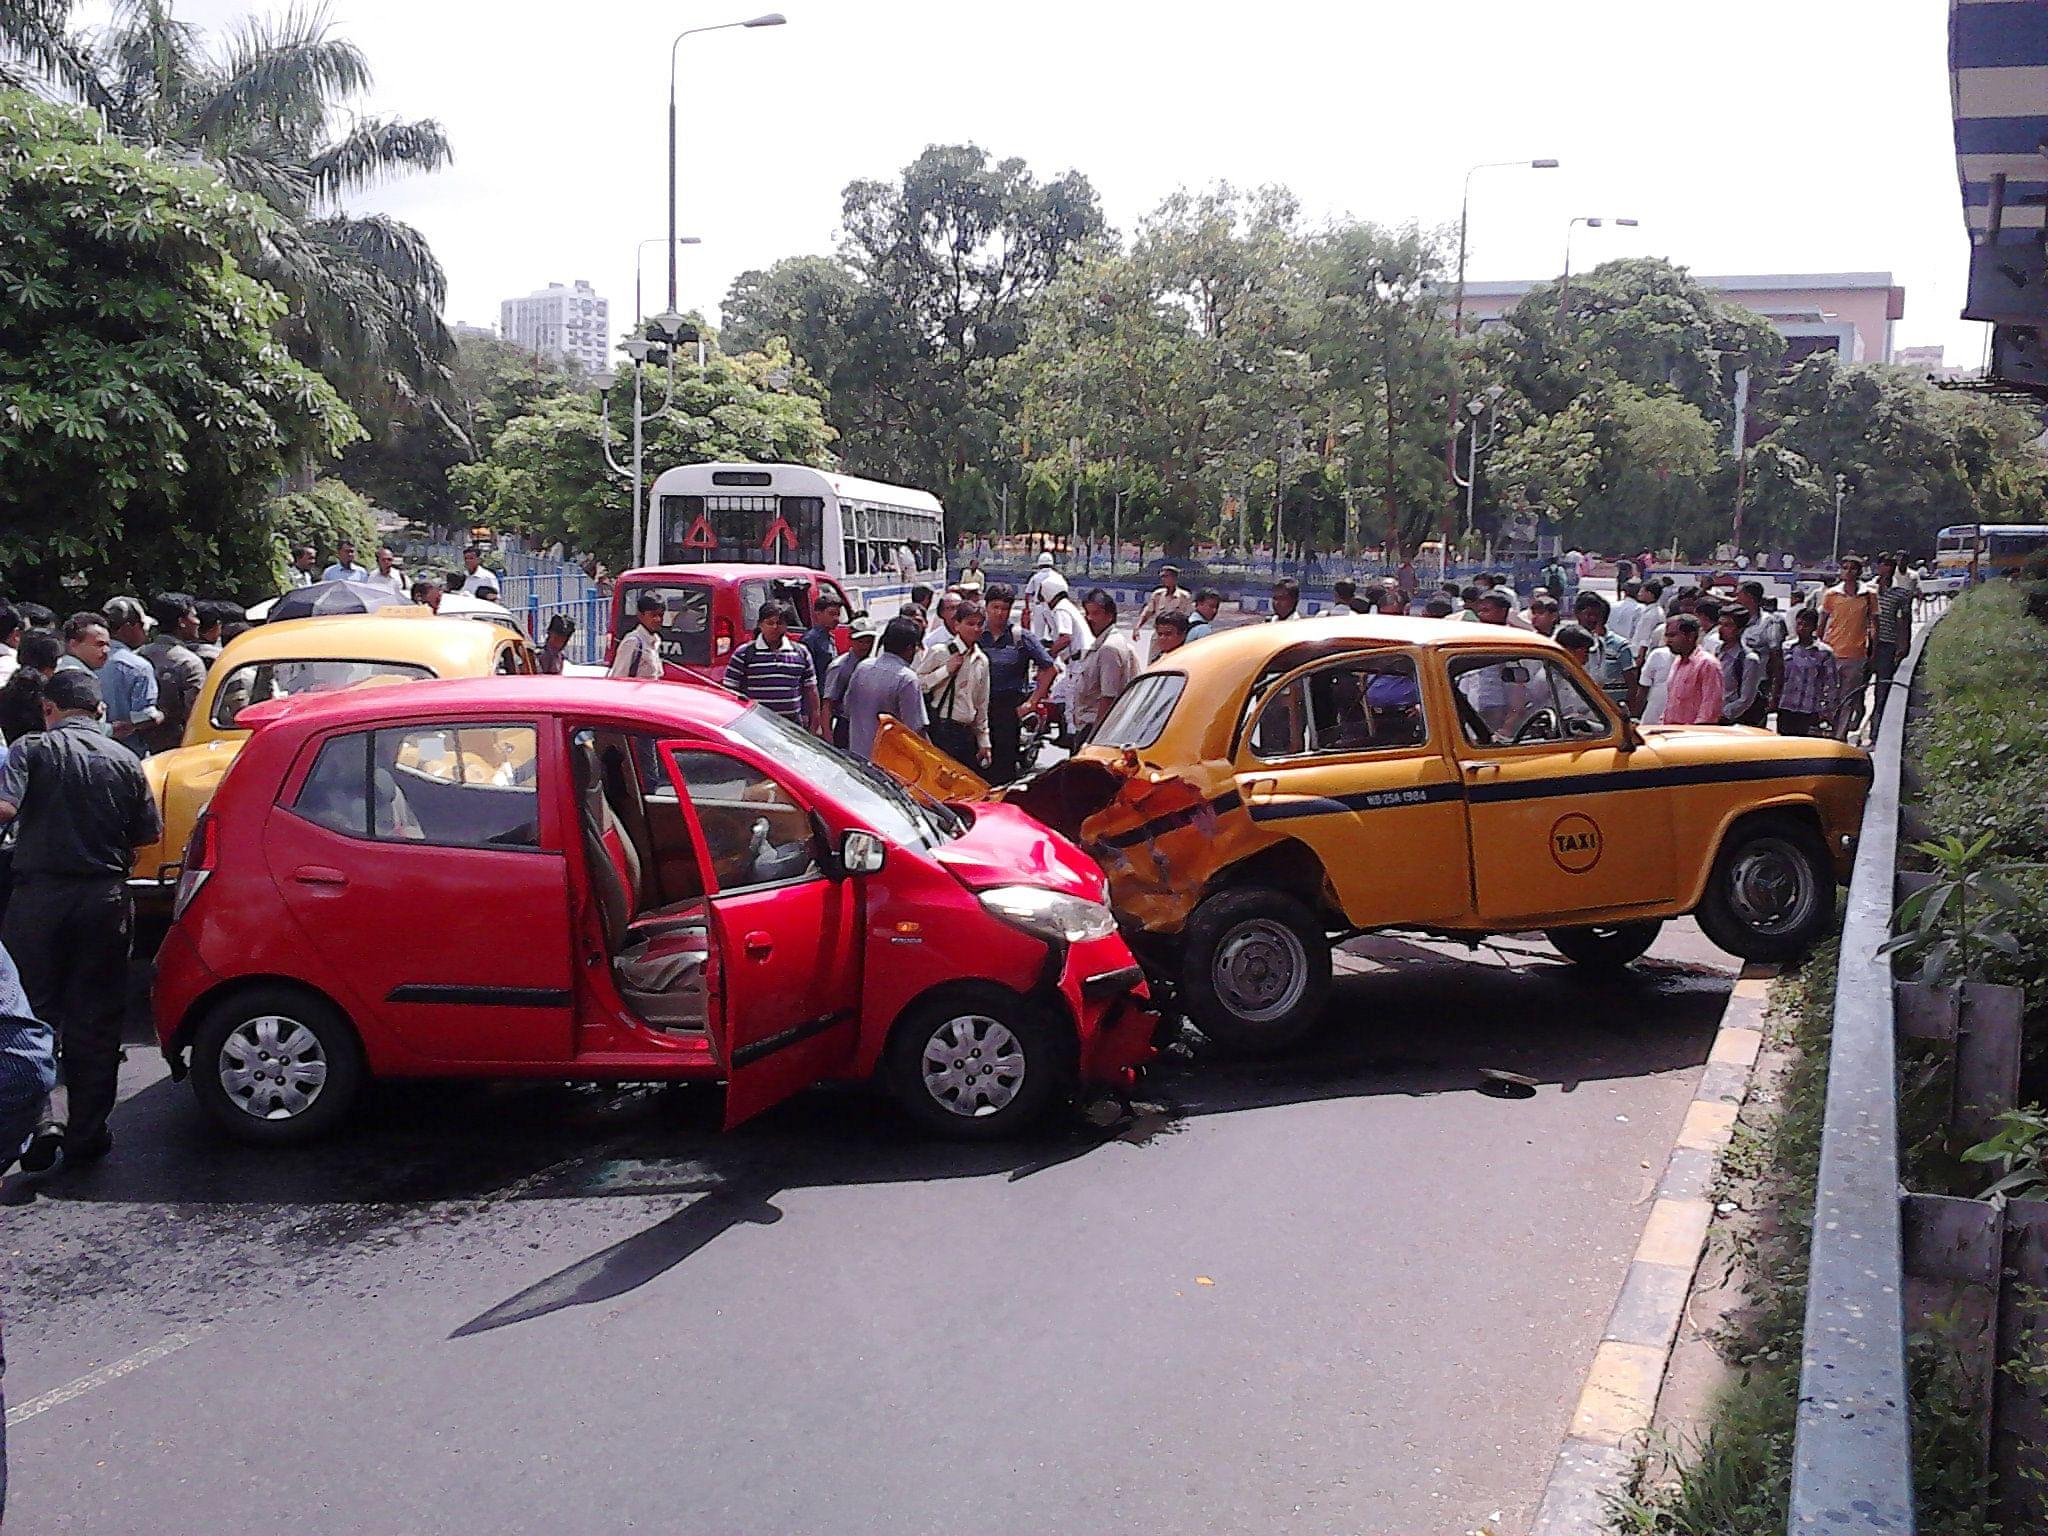 khopoli-residents-mumbai-pune-expressway-road-acidents